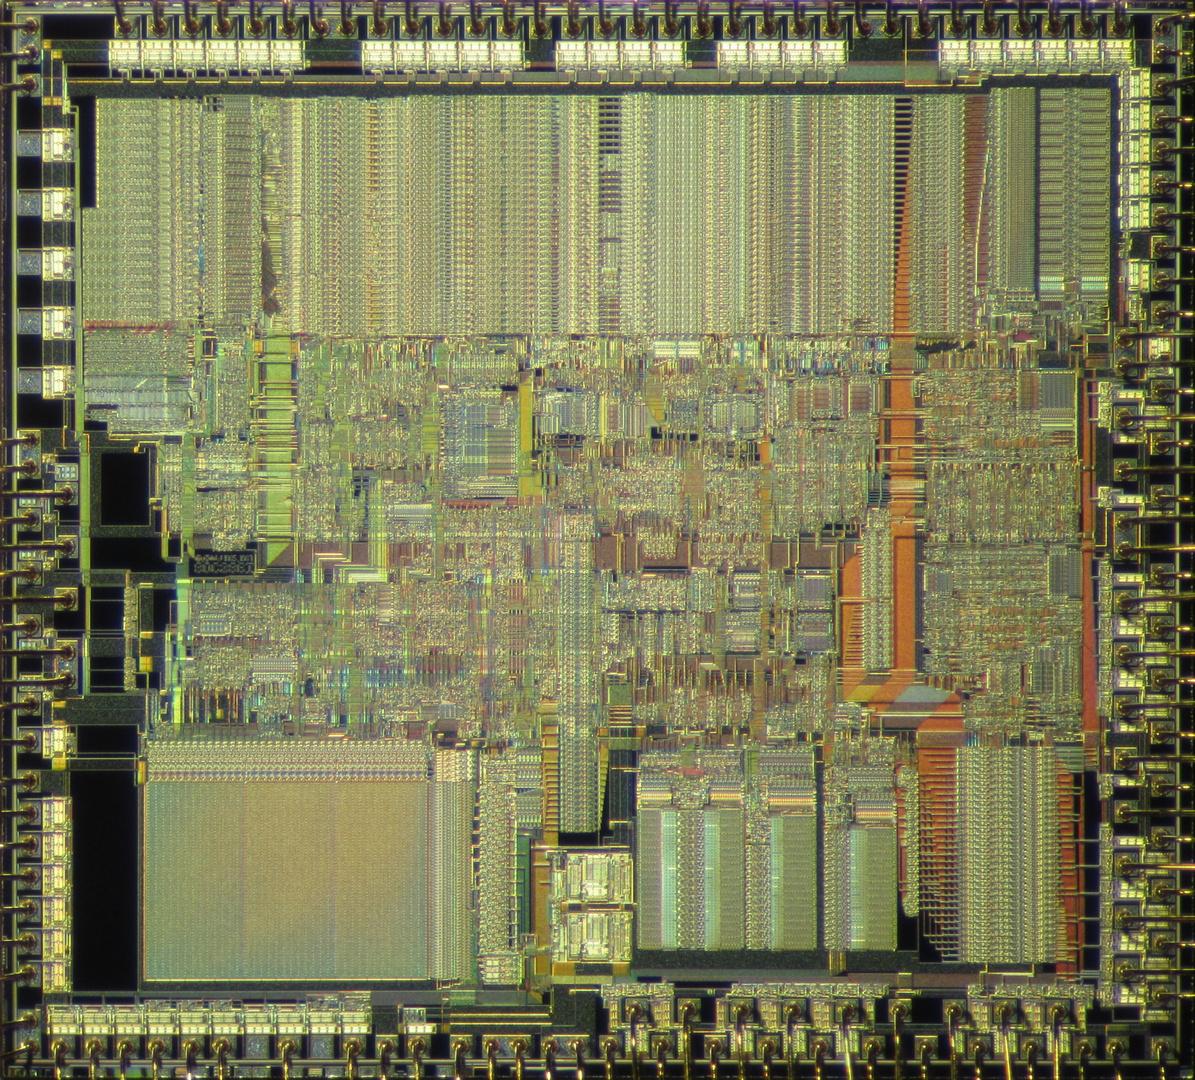 Intel i386DX-33